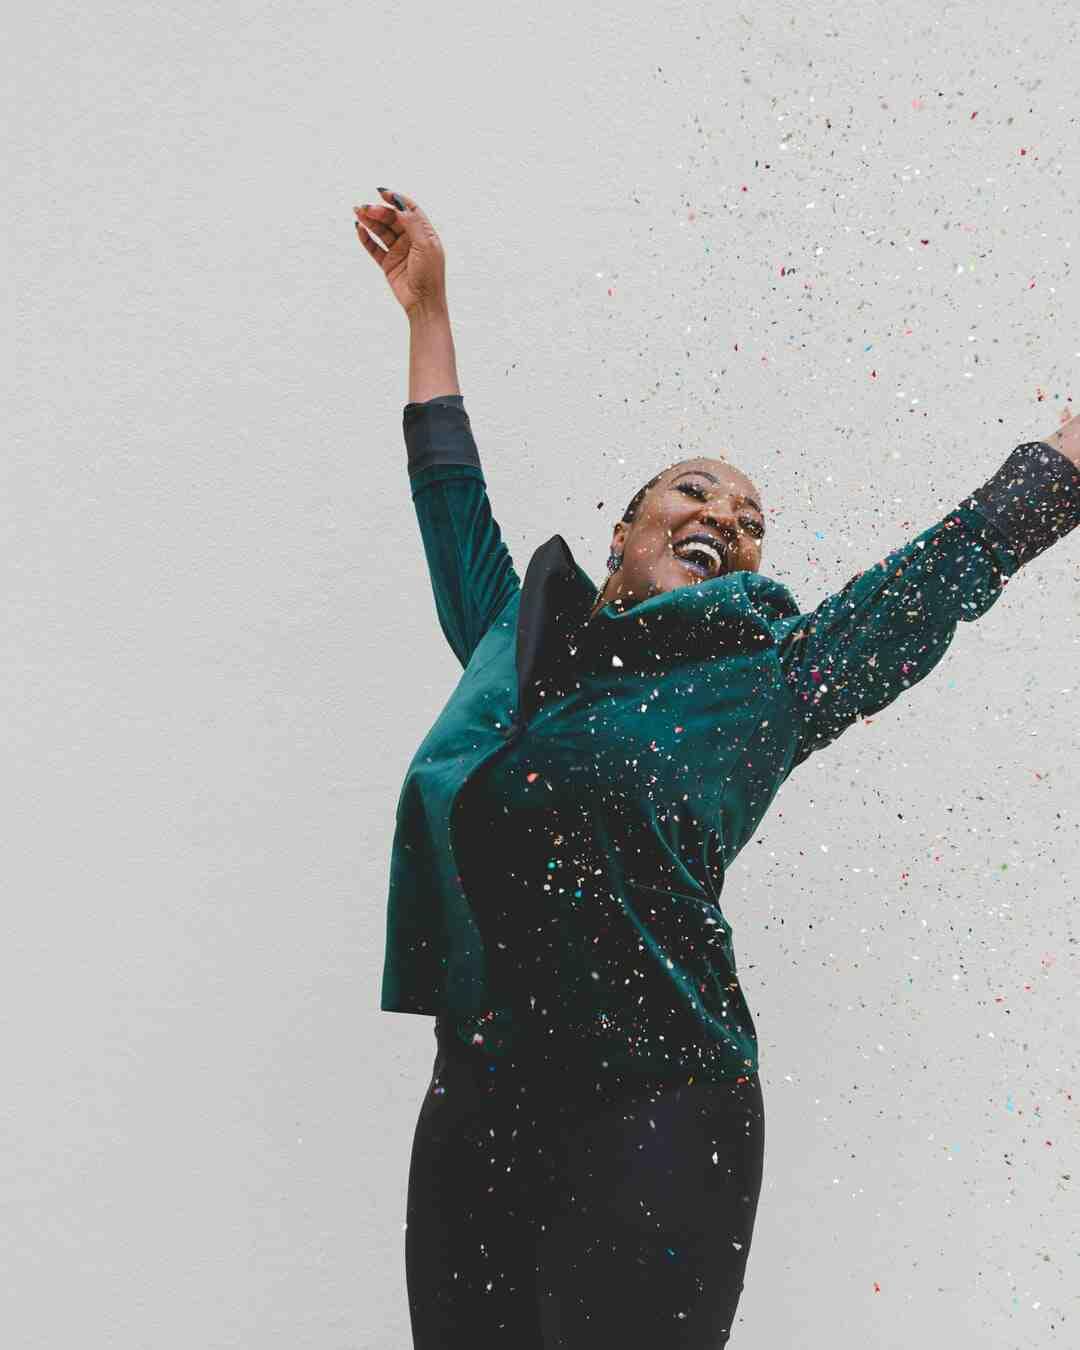 Danse : Tresque Comment apprendre à danser